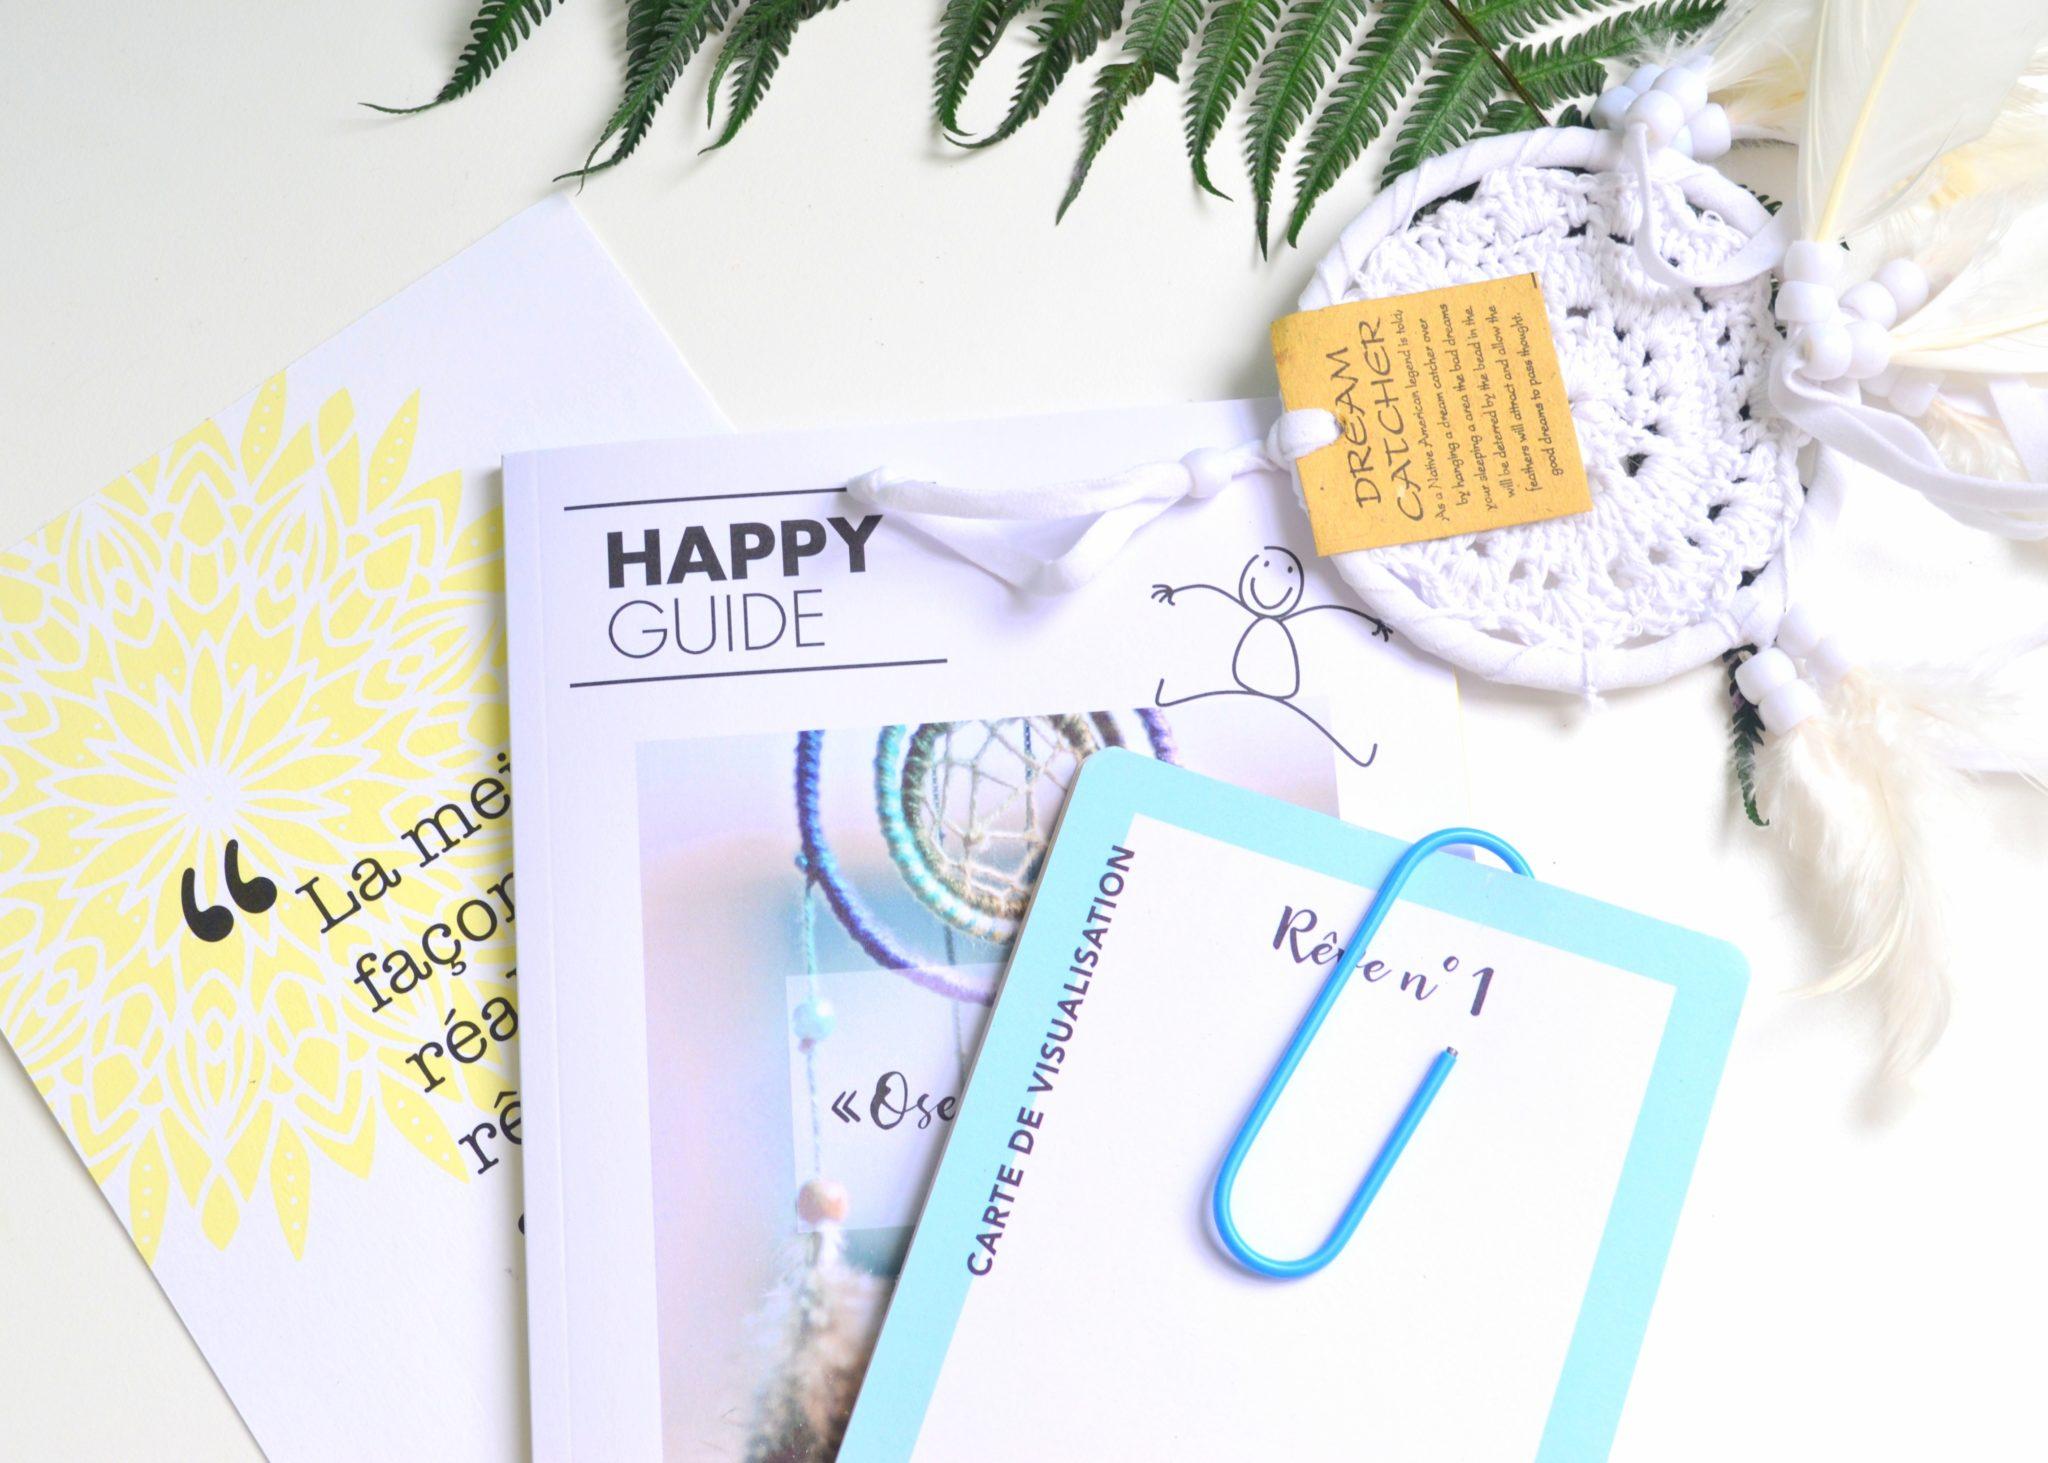 Happy life box : la box positive pour accomplir ses rêves